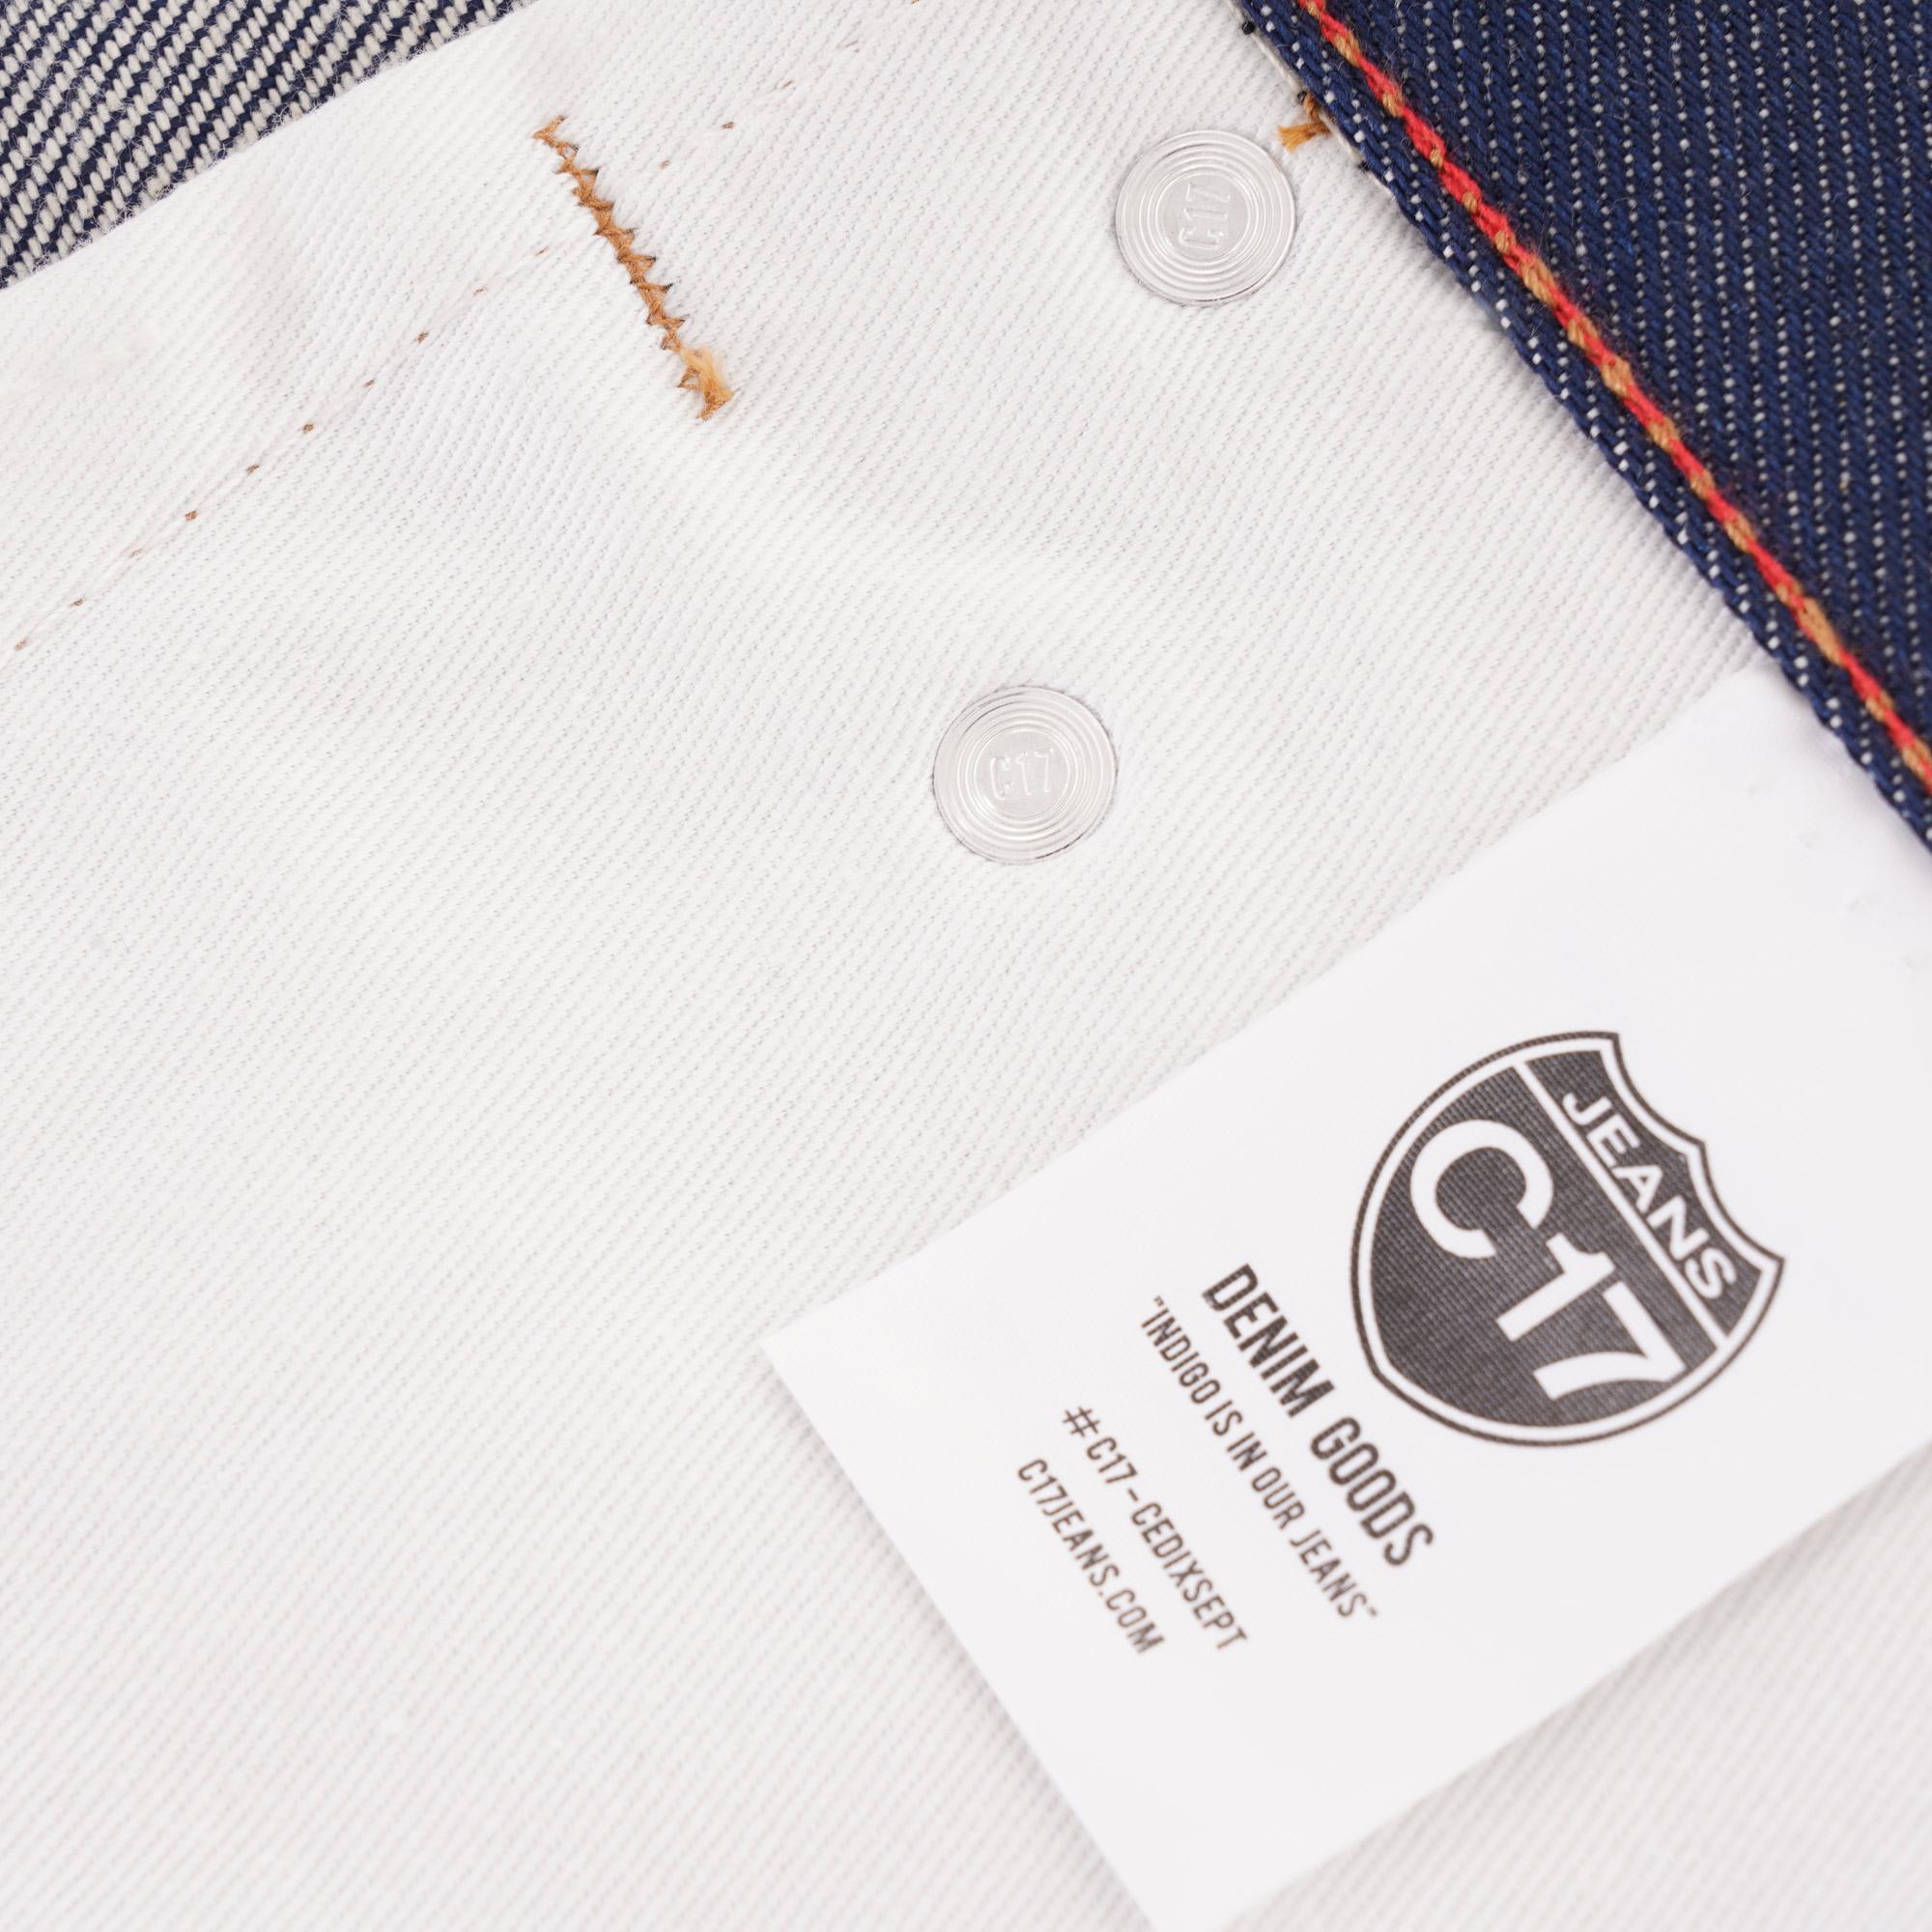 C17 Jeans Label Close Up